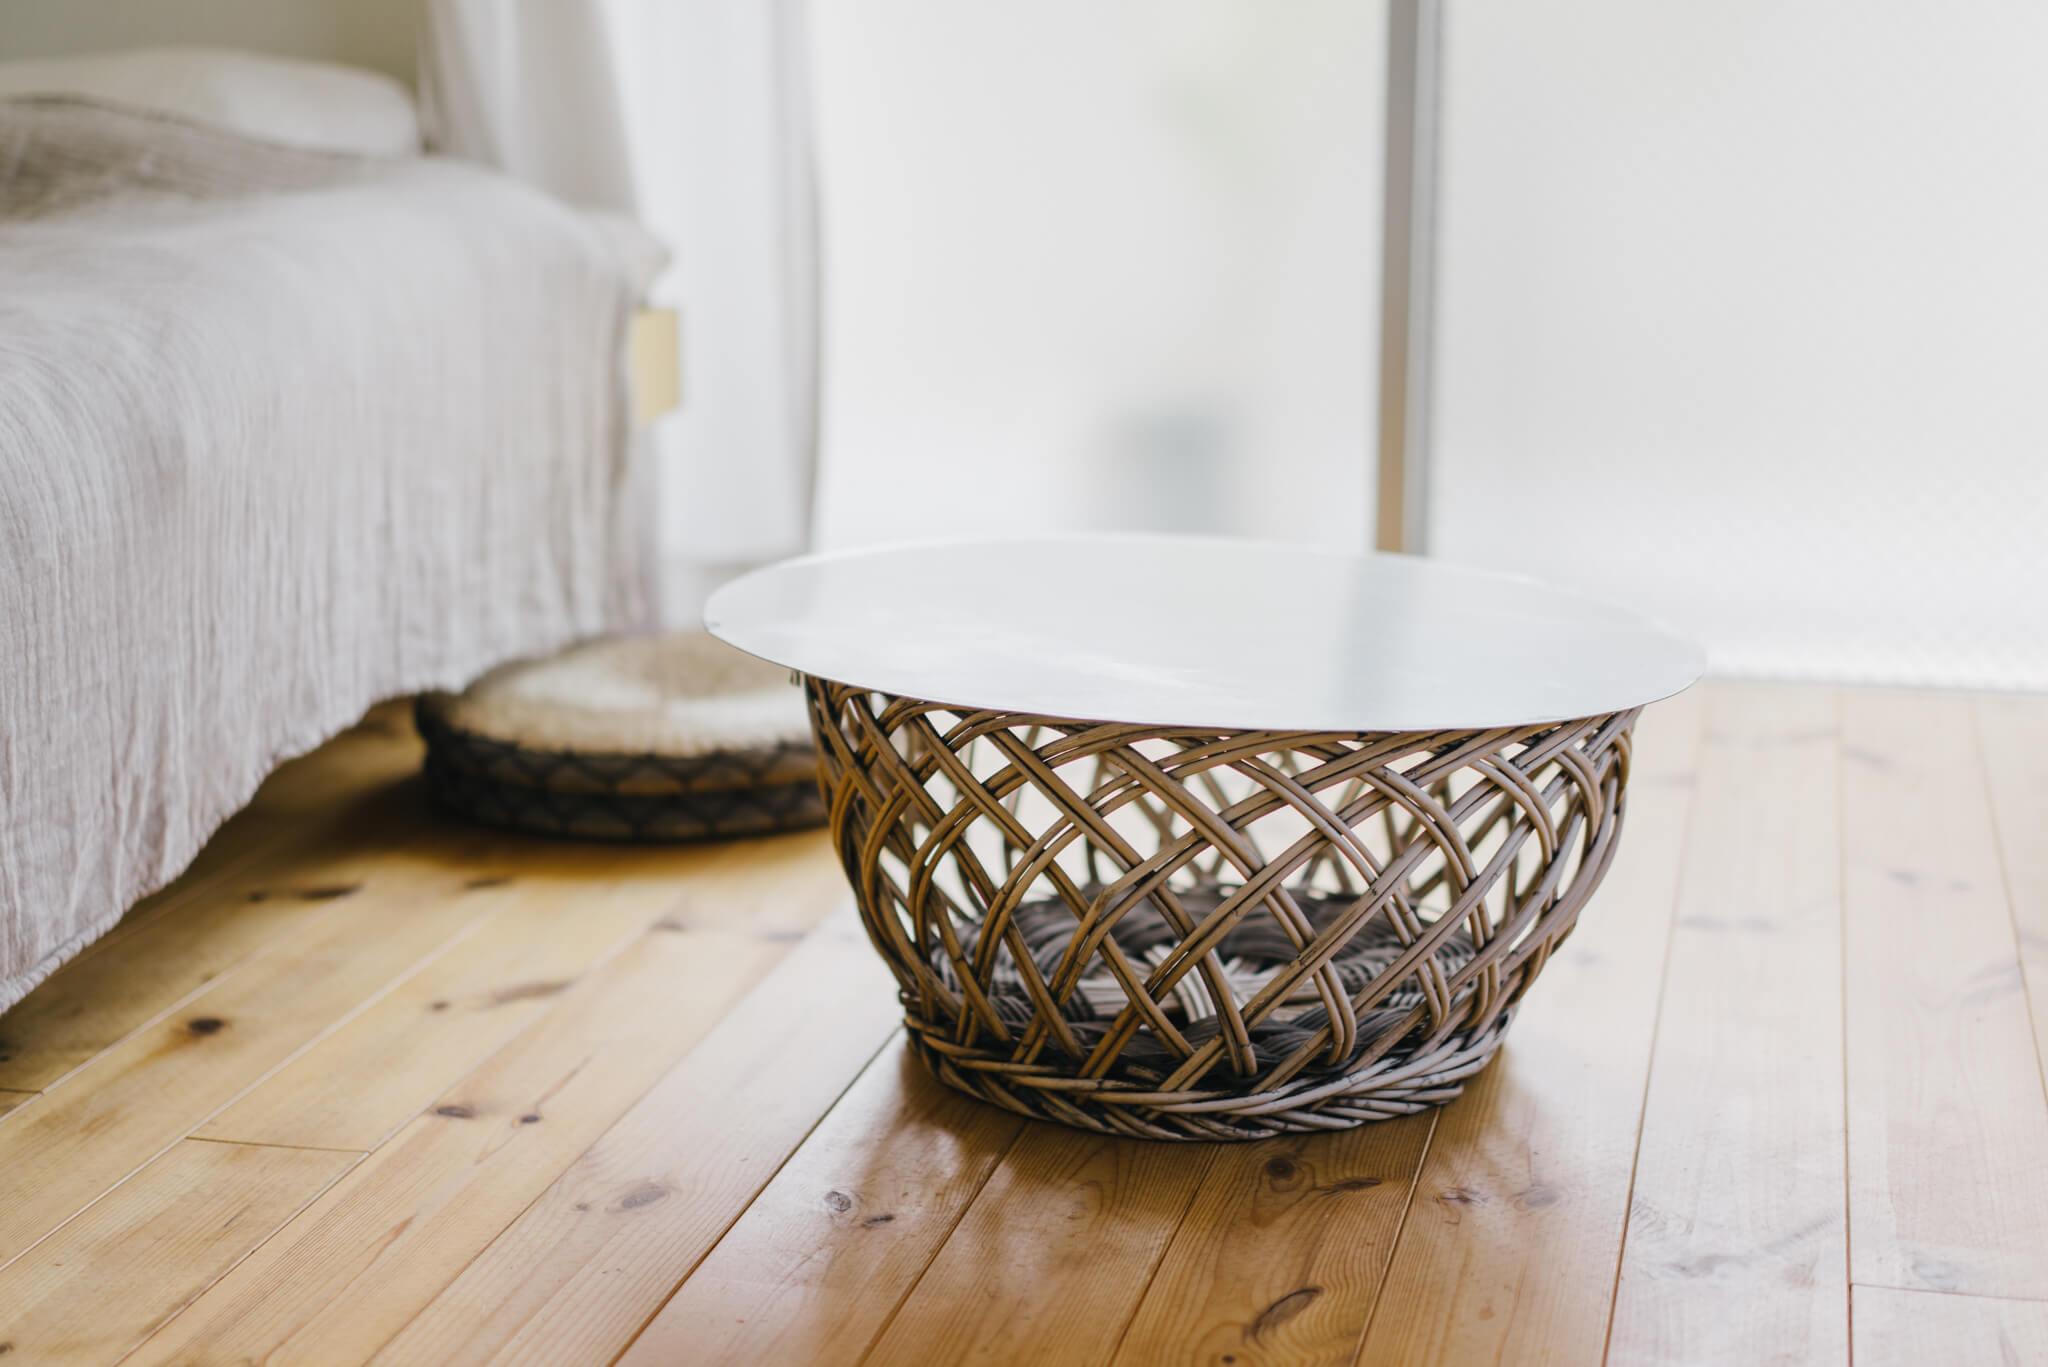 無垢の床にもぴったりの、丸いローテーブル。よく見ると、銭湯などで見かける古い脱衣かごが使われていました。